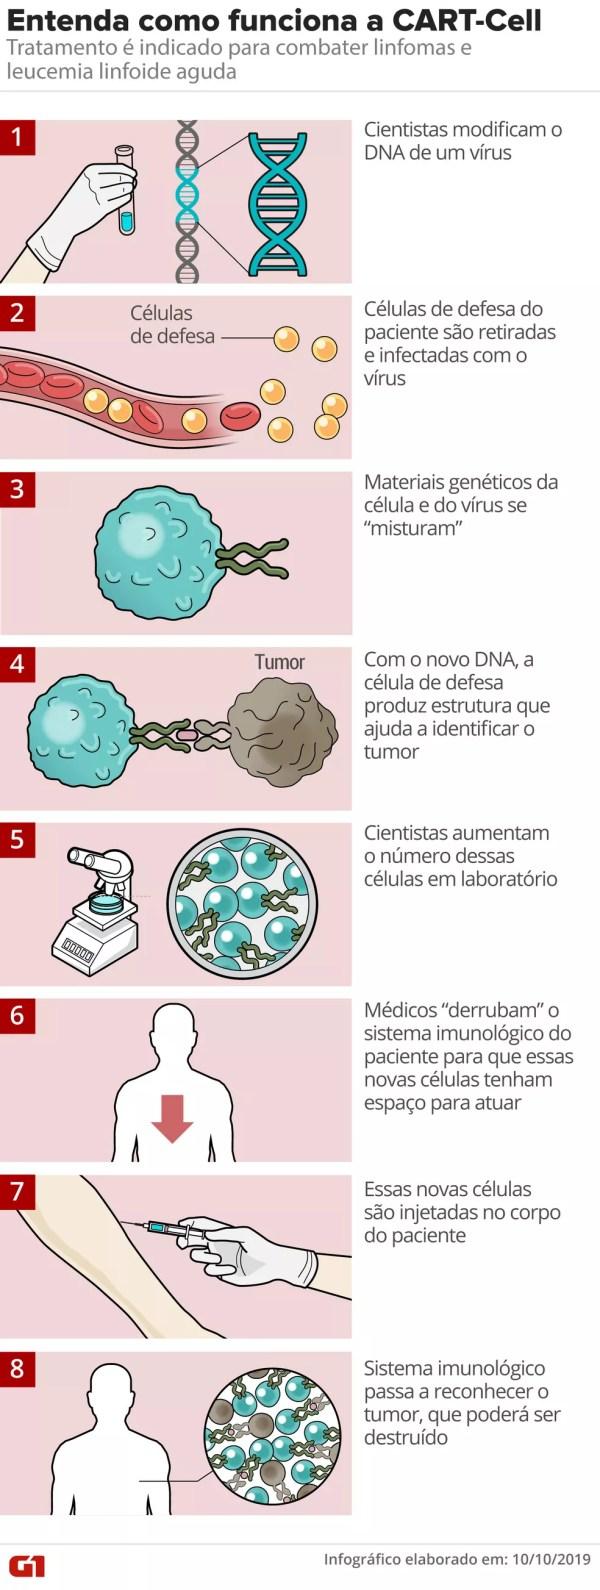 Entenda como funciona a terapia genética CART-Cell — Foto: Roberta Jaworski/Arte G1